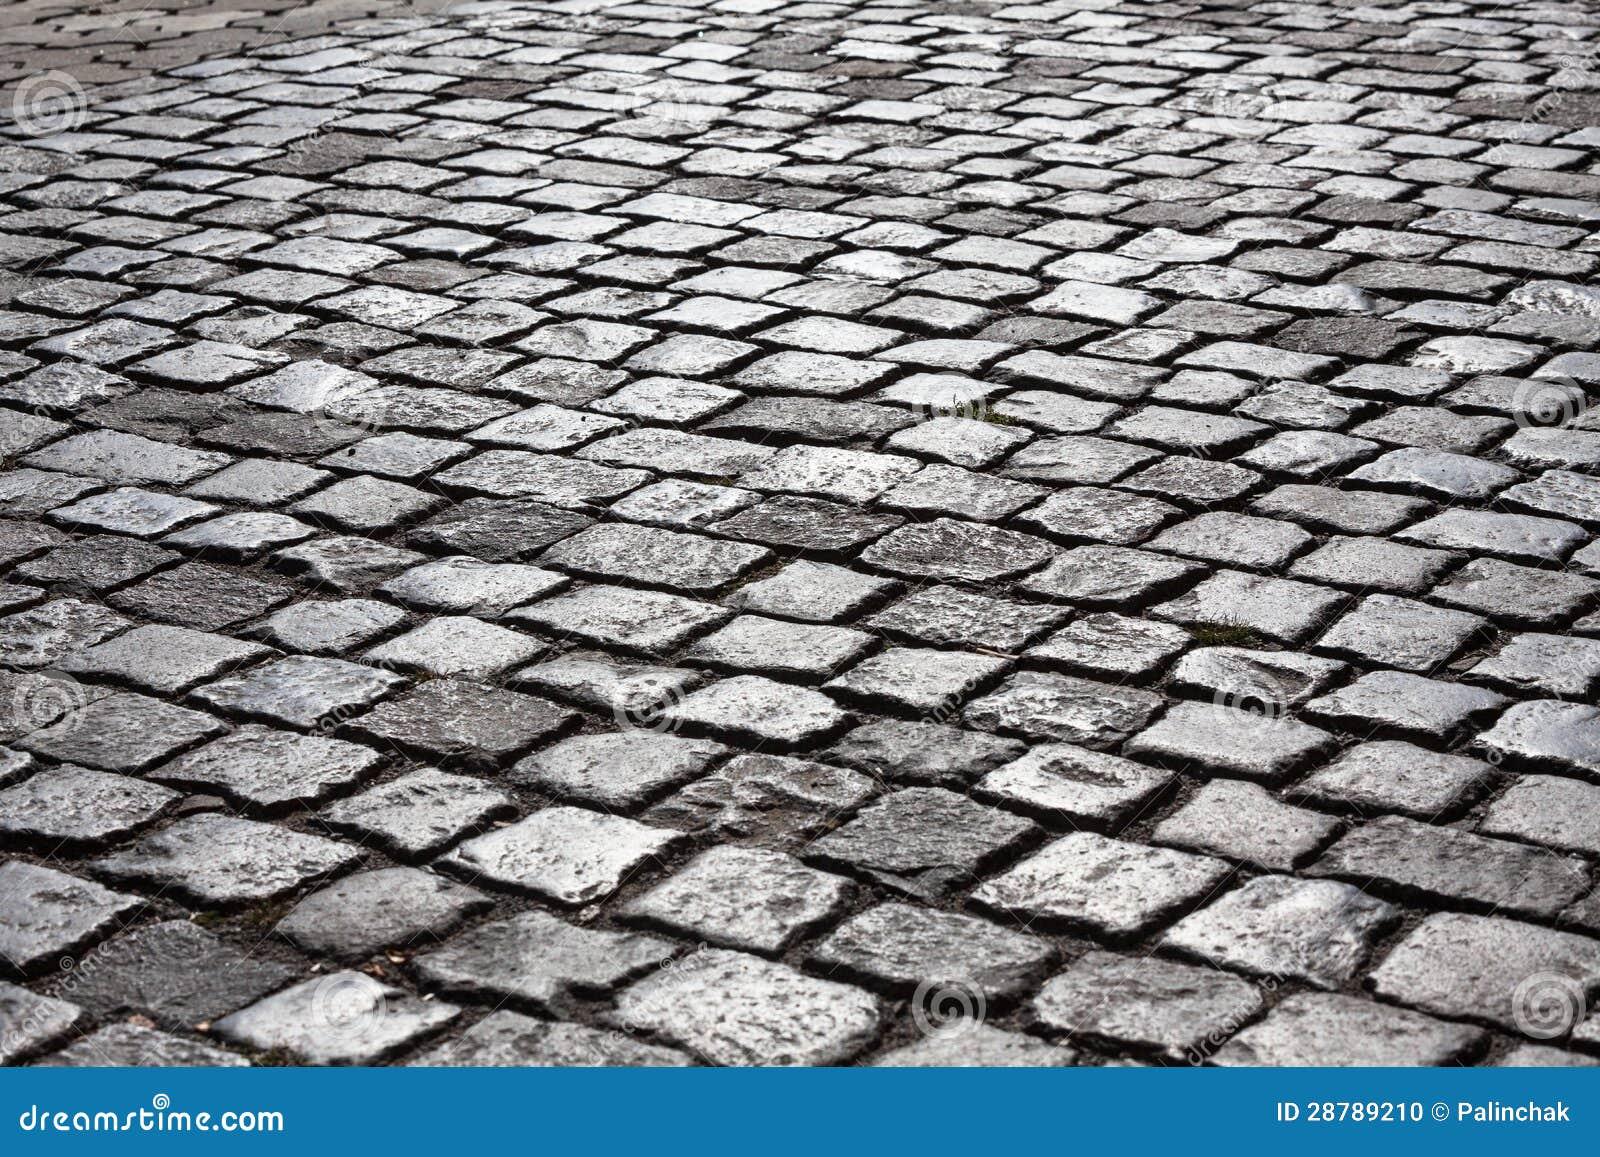 Camino de piedra del adoqu n foto de archivo imagen - Adoquin de piedra ...